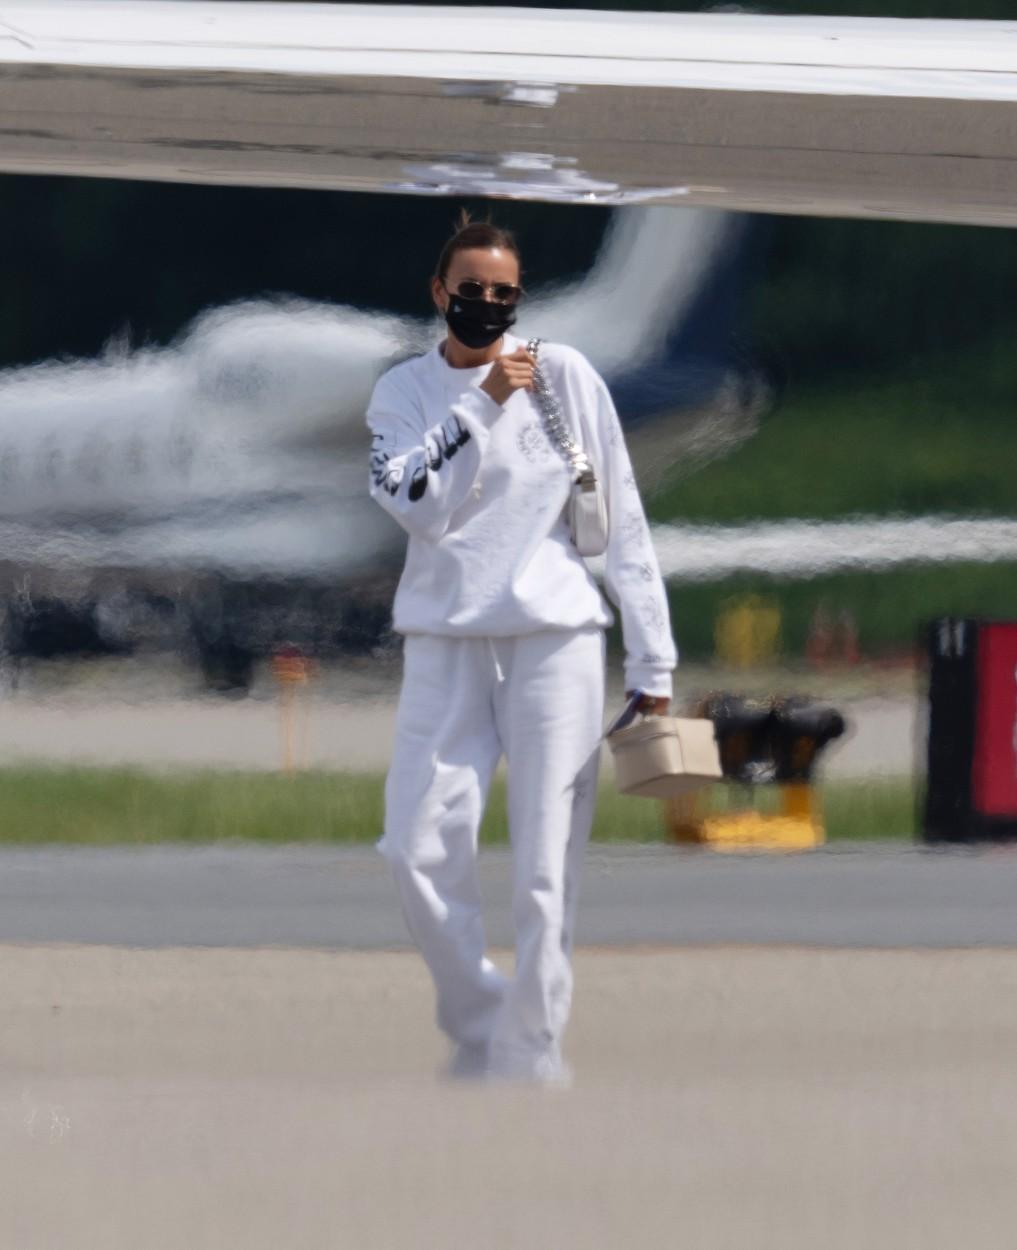 Irina Shayk, pe aeroportul din New Jersey, în timp ce revenea din vacanța cu Kanye West